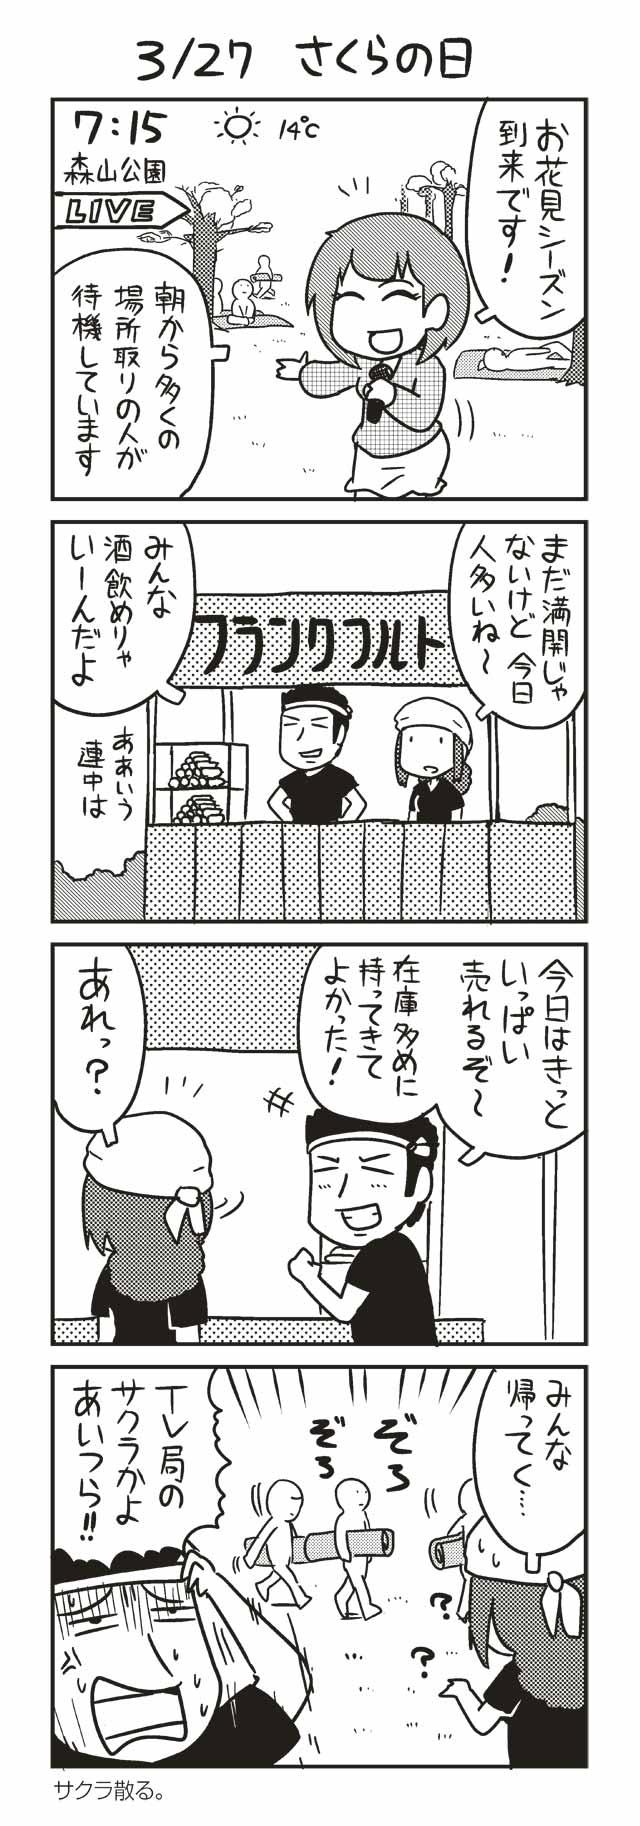 3/27 さくらの日 『ノヒマンガ』 ポン